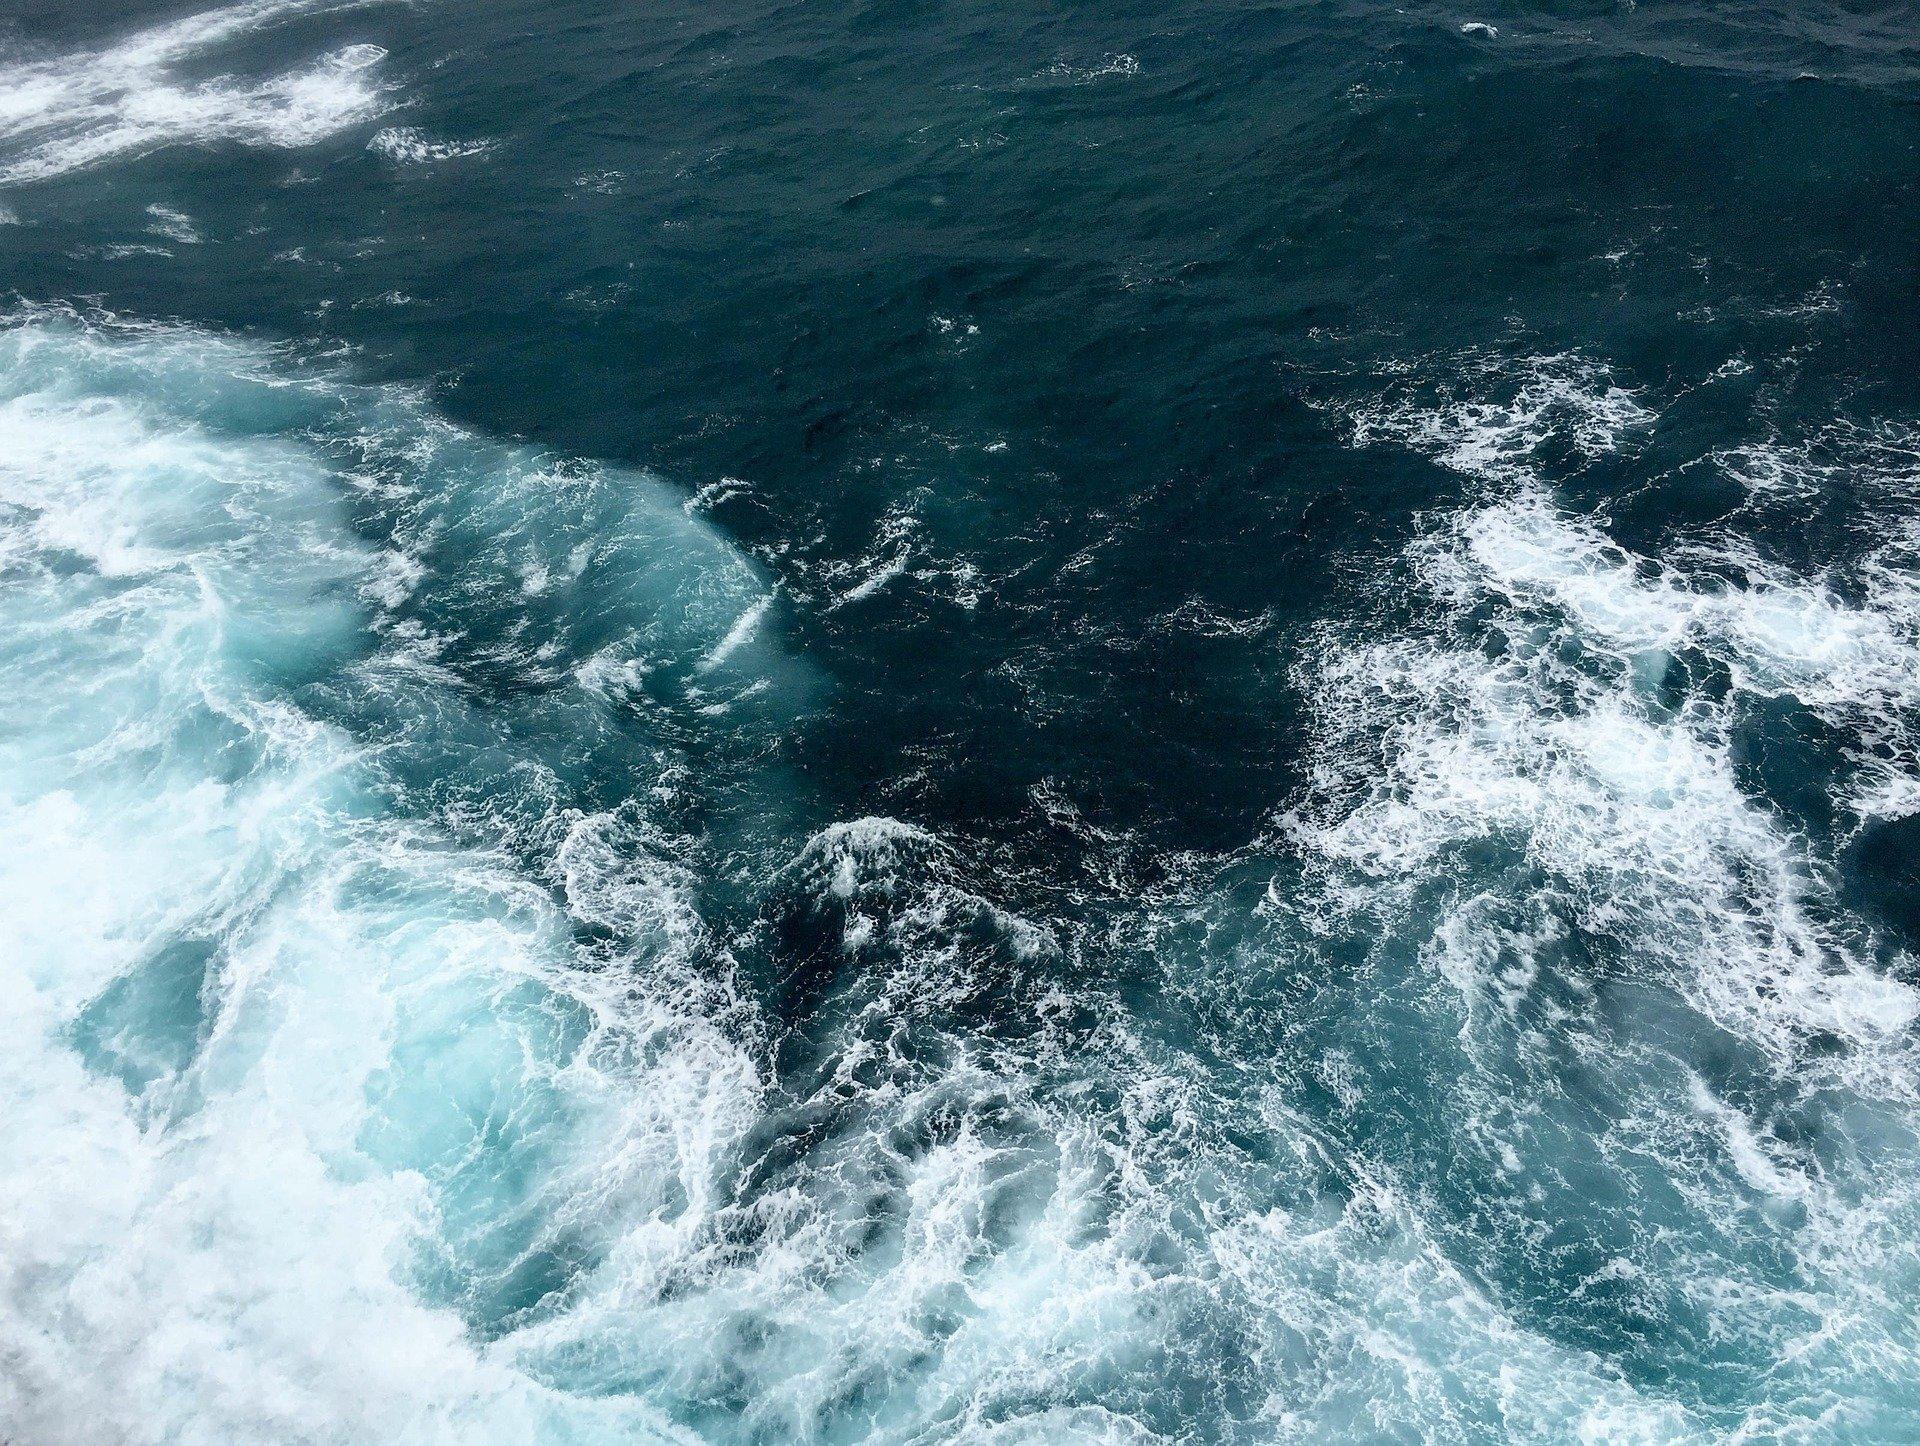 Energía del mar: Olas y marea